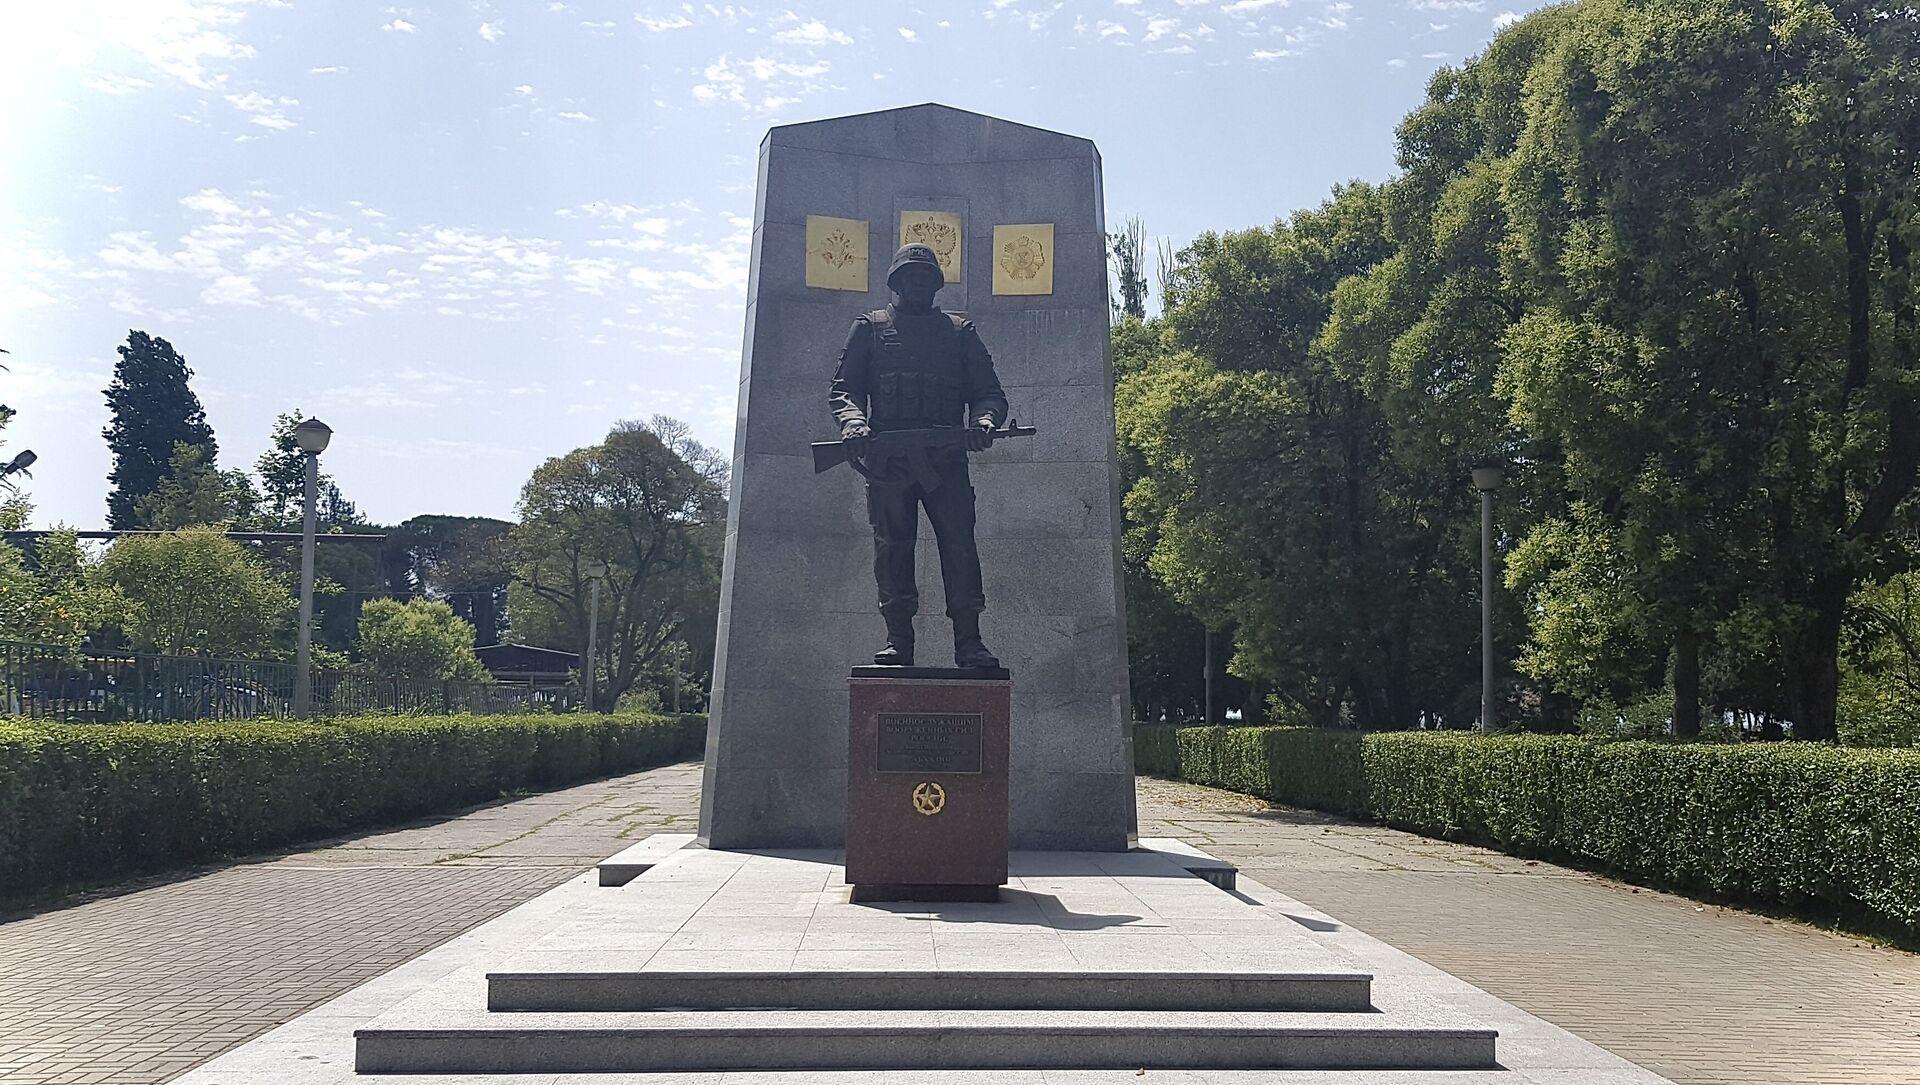 Военнослужащие ЮВО отметили 27-ю годовщину начала миротворческой операции в Абхазии - Sputnik Аҧсны, 1920, 22.06.2021